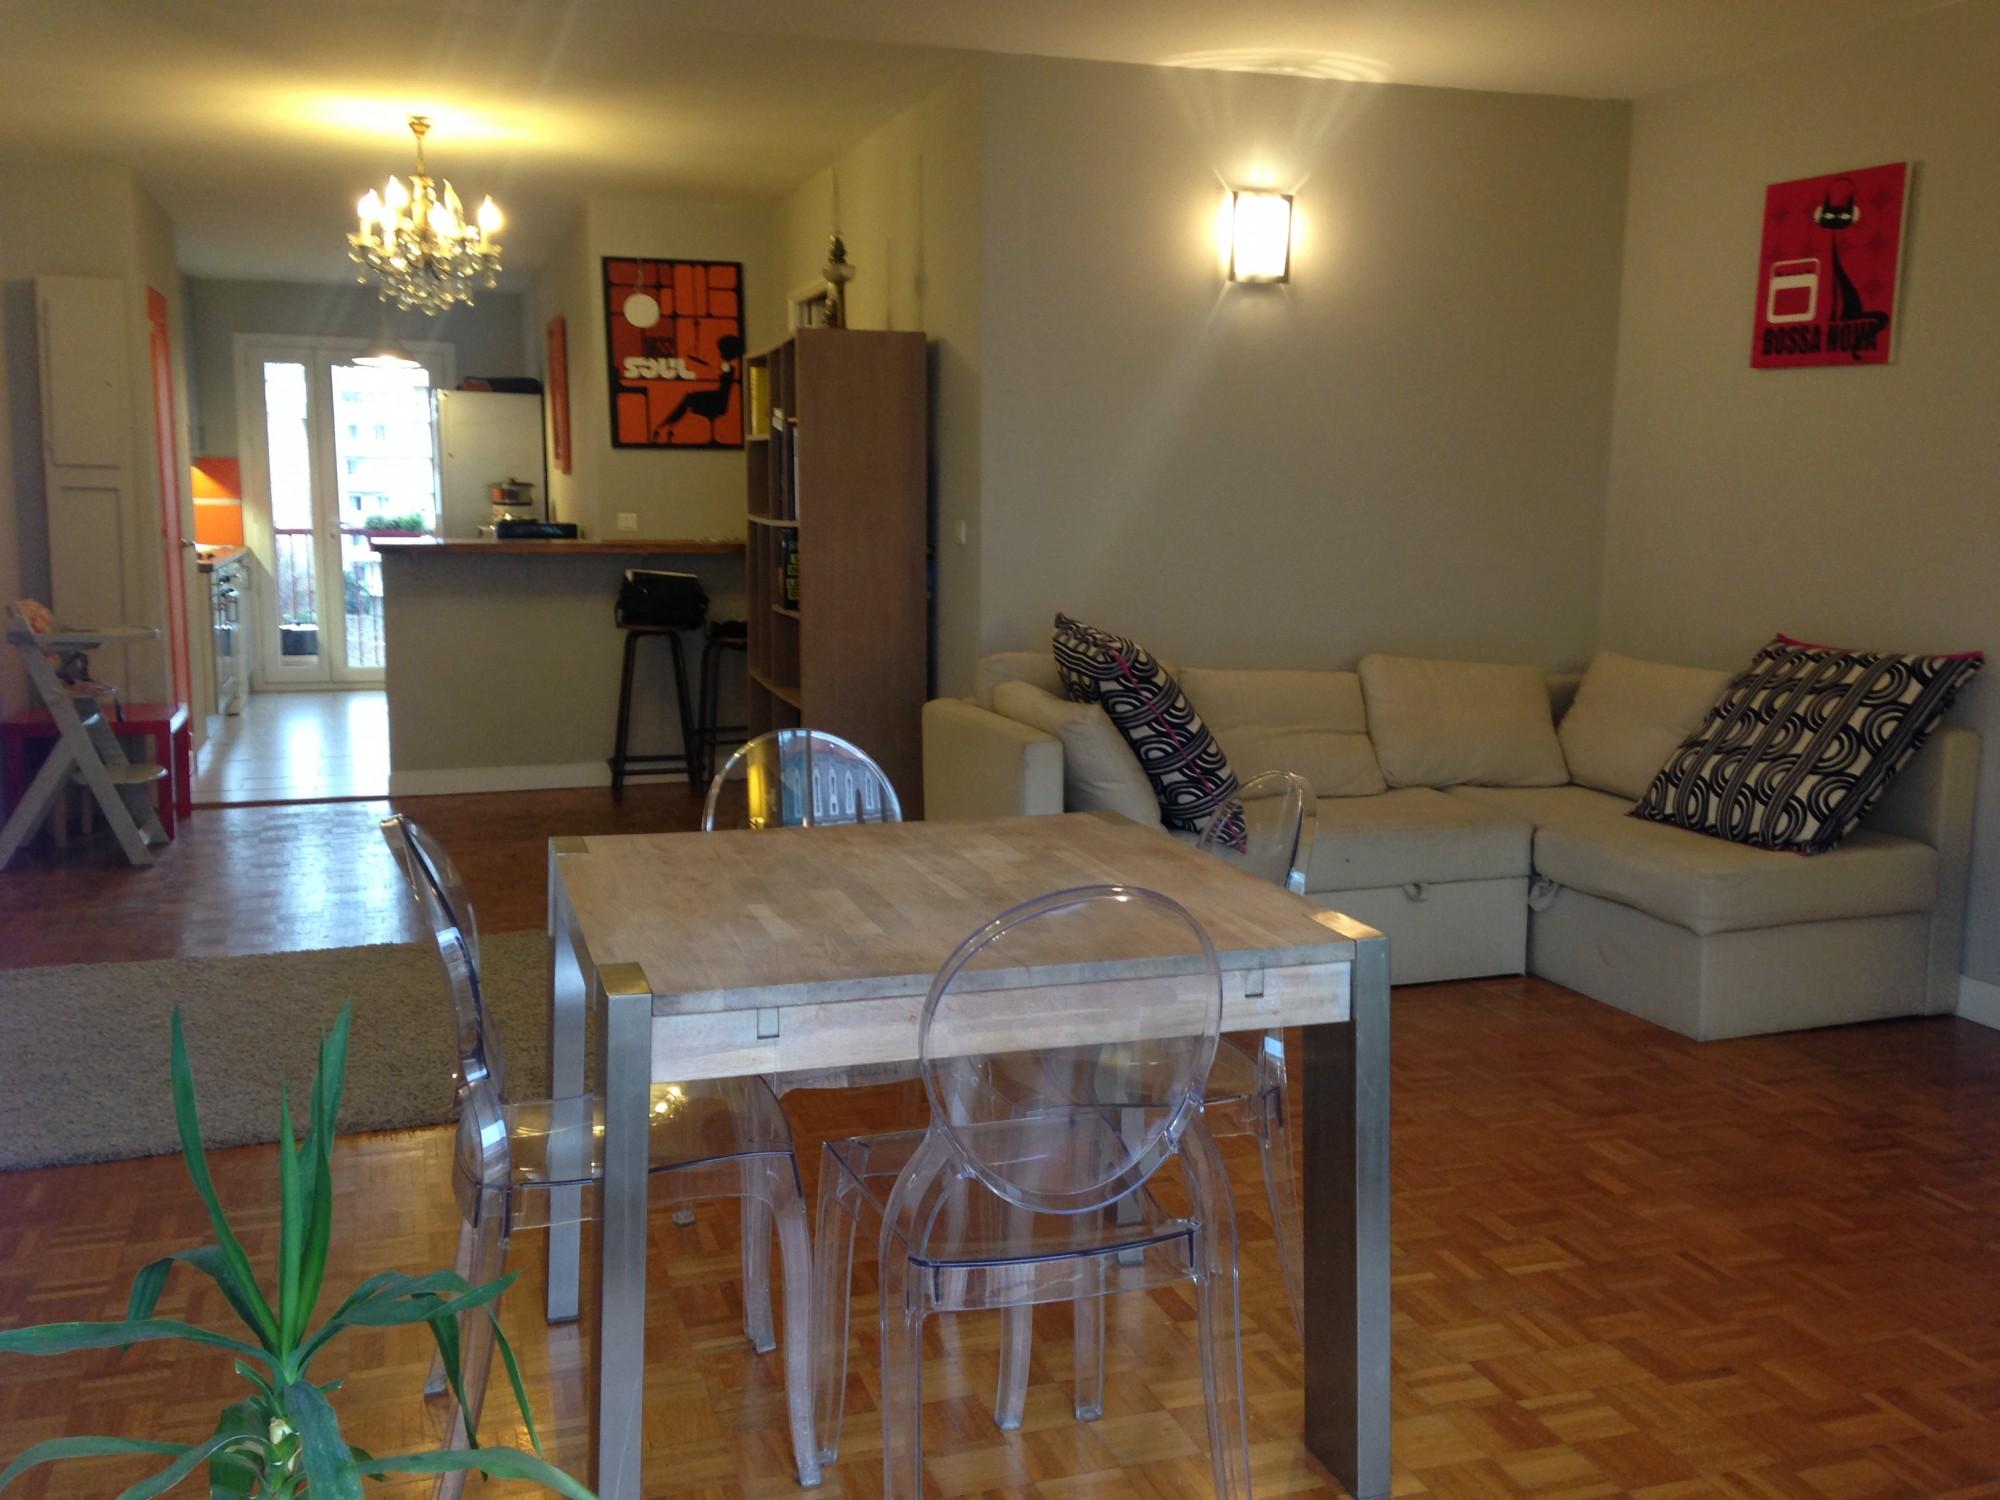 Vente Appartement T4 - Marseille 13007 - Quartier Saint Victor - Deux grands balcons, double vitrage, cuisine équipée ...